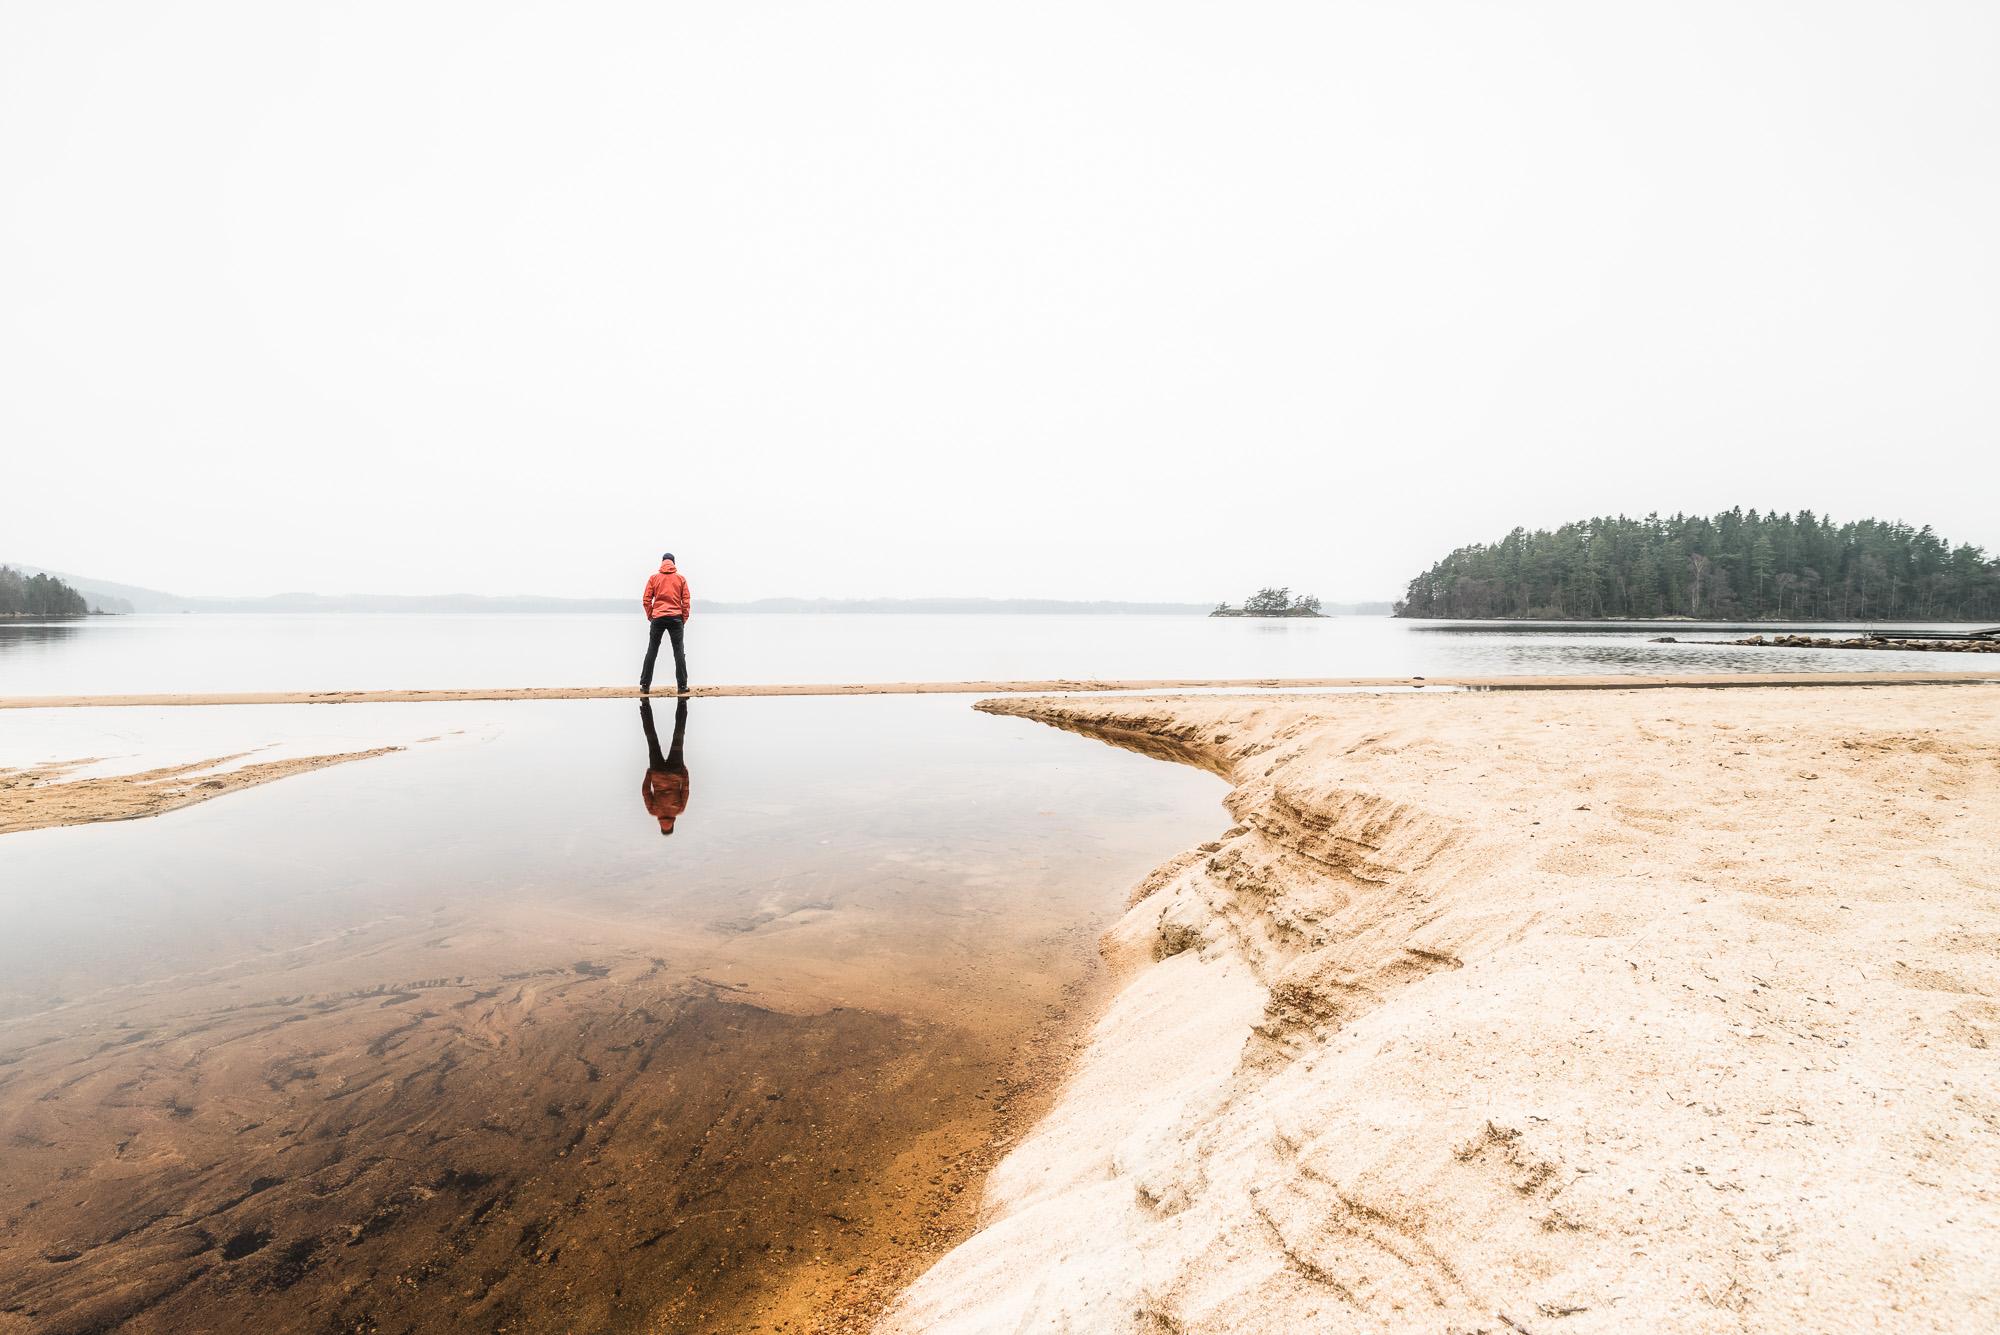 Östra Nedsjön, Bollebygd kommun